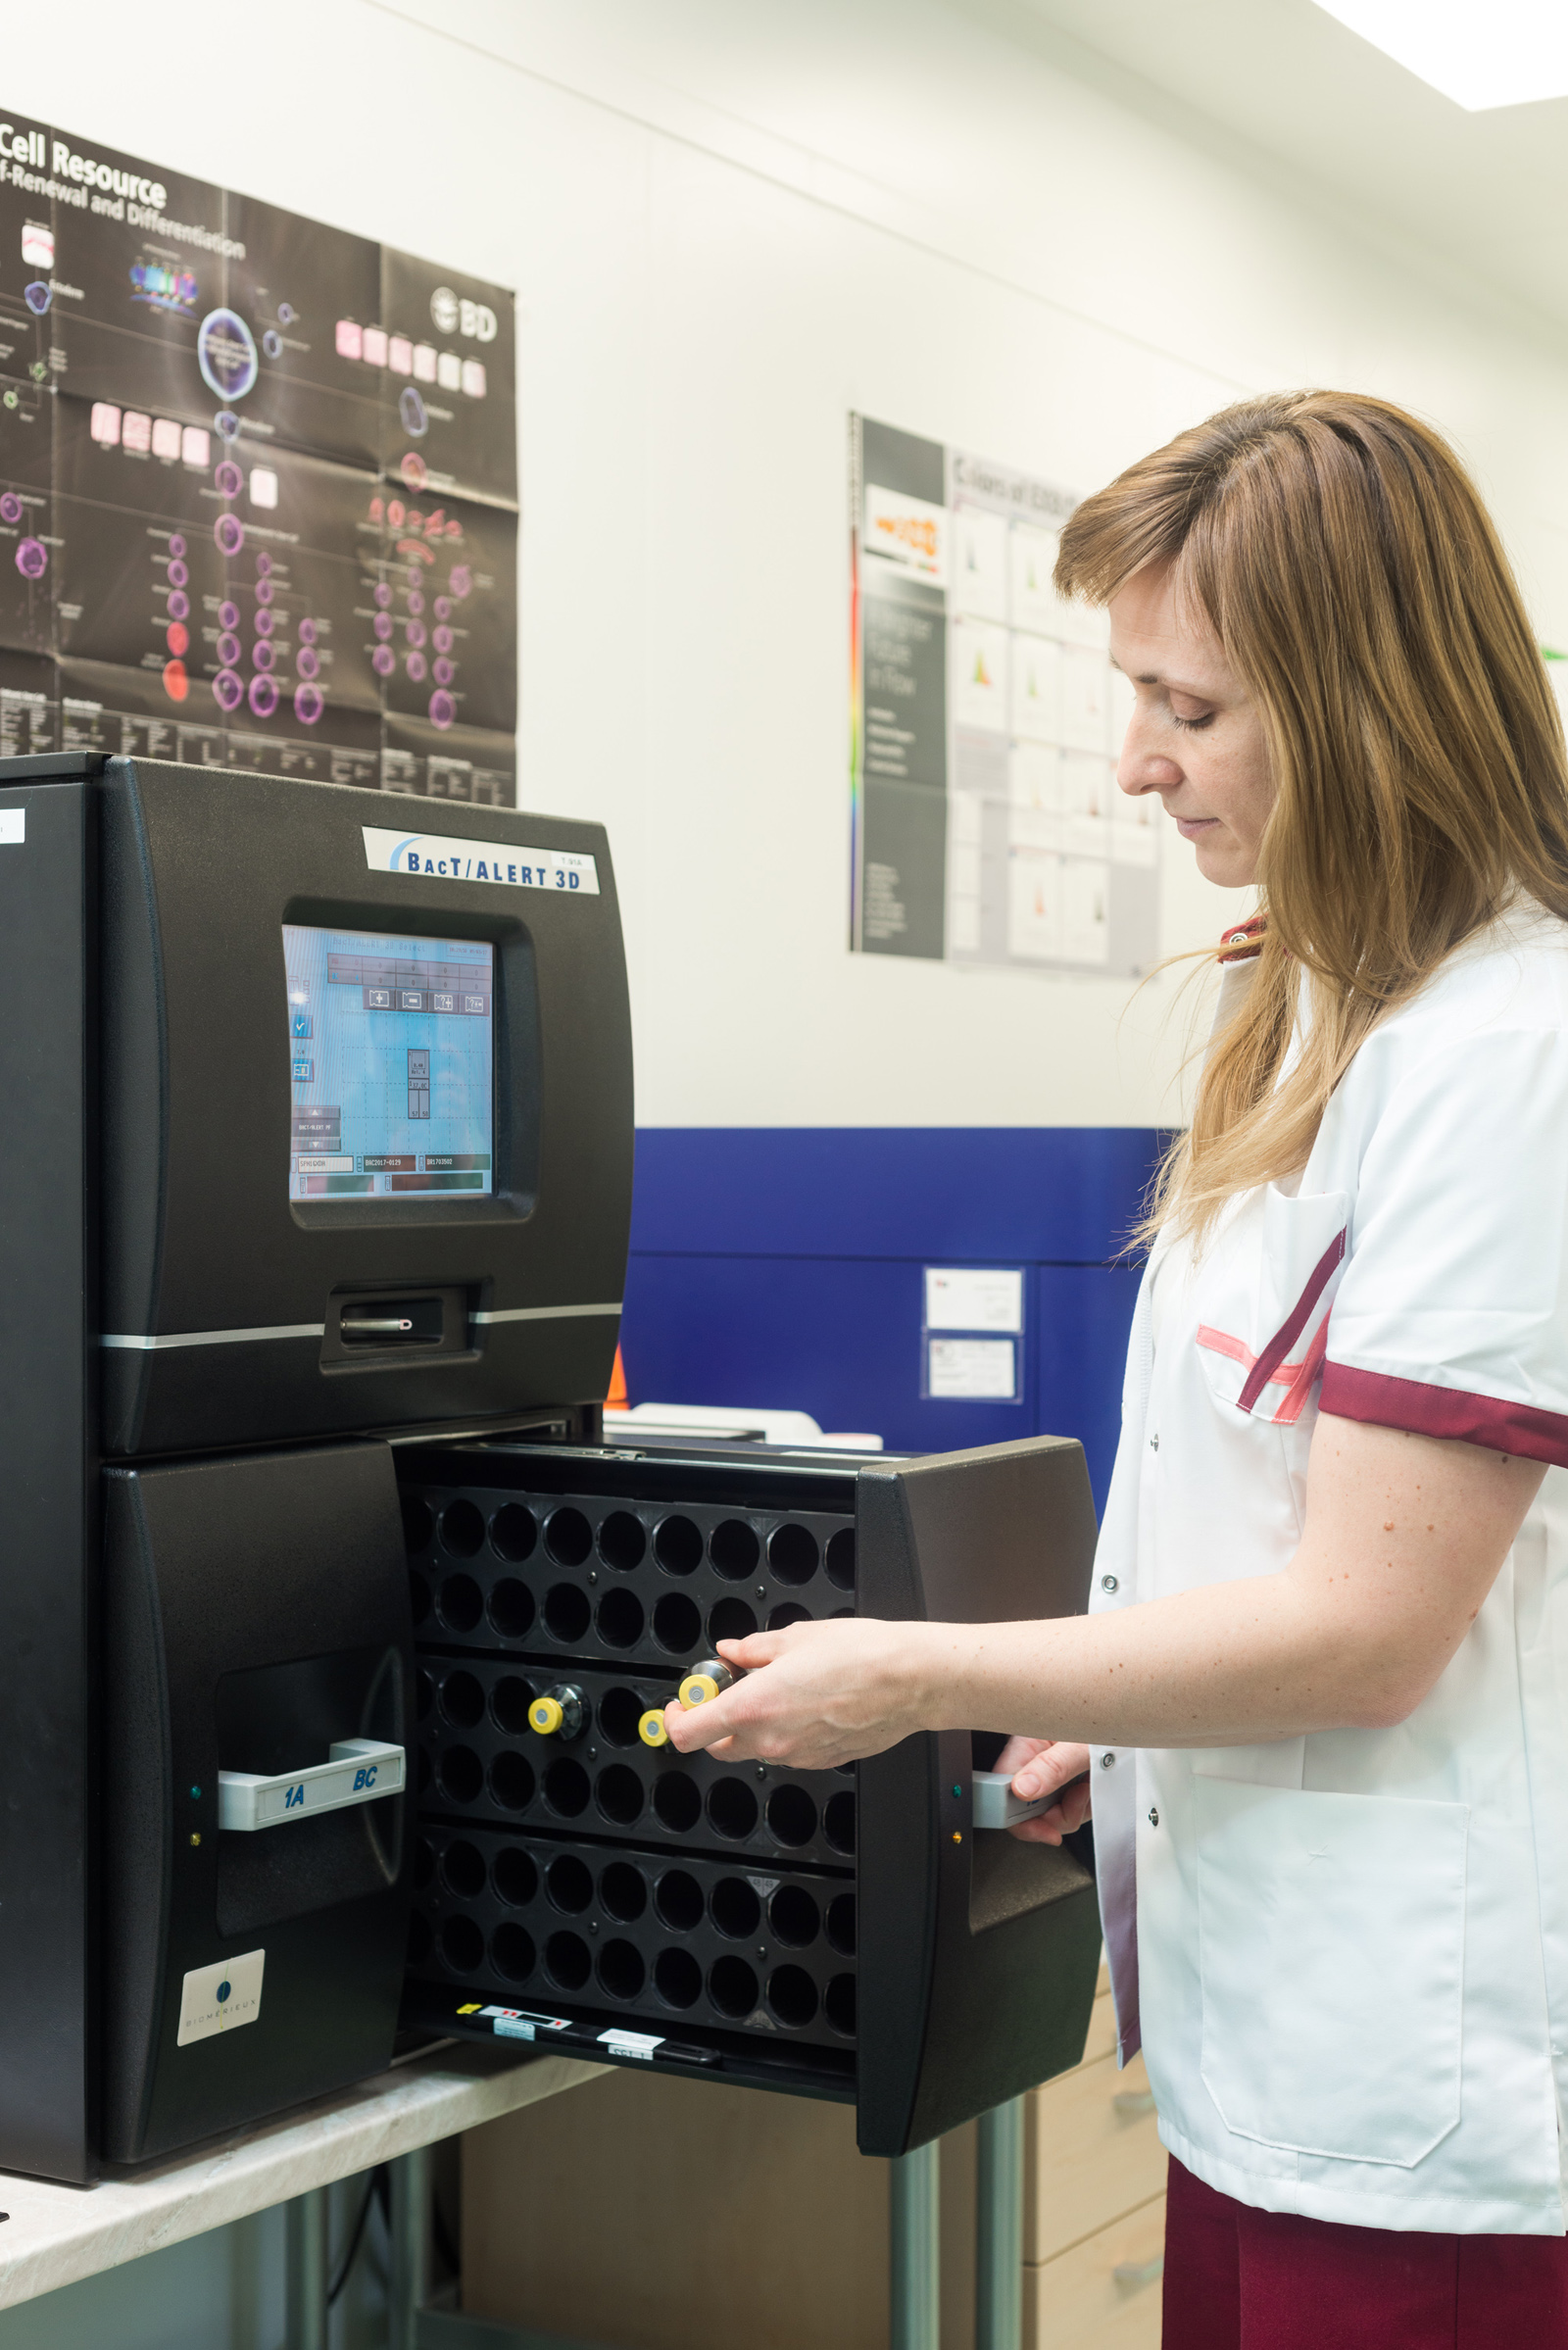 kontrola kvality - mikrobiální kontrola odebrané pupečníkové krve pomocí systému BacTALERT 3D